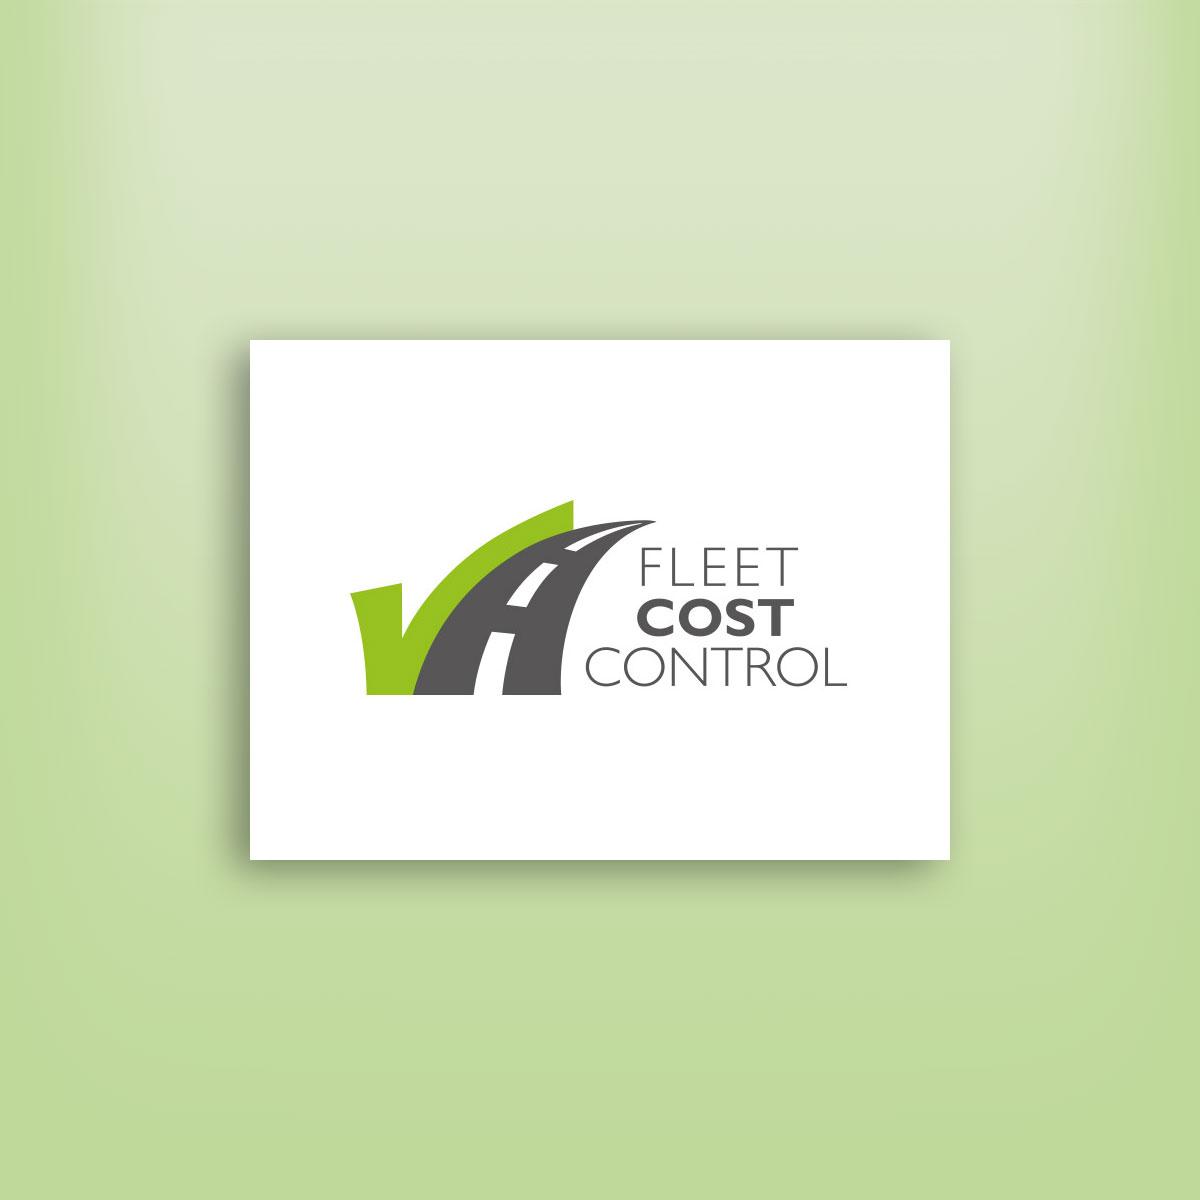 diseño de logotipo fleet costo control